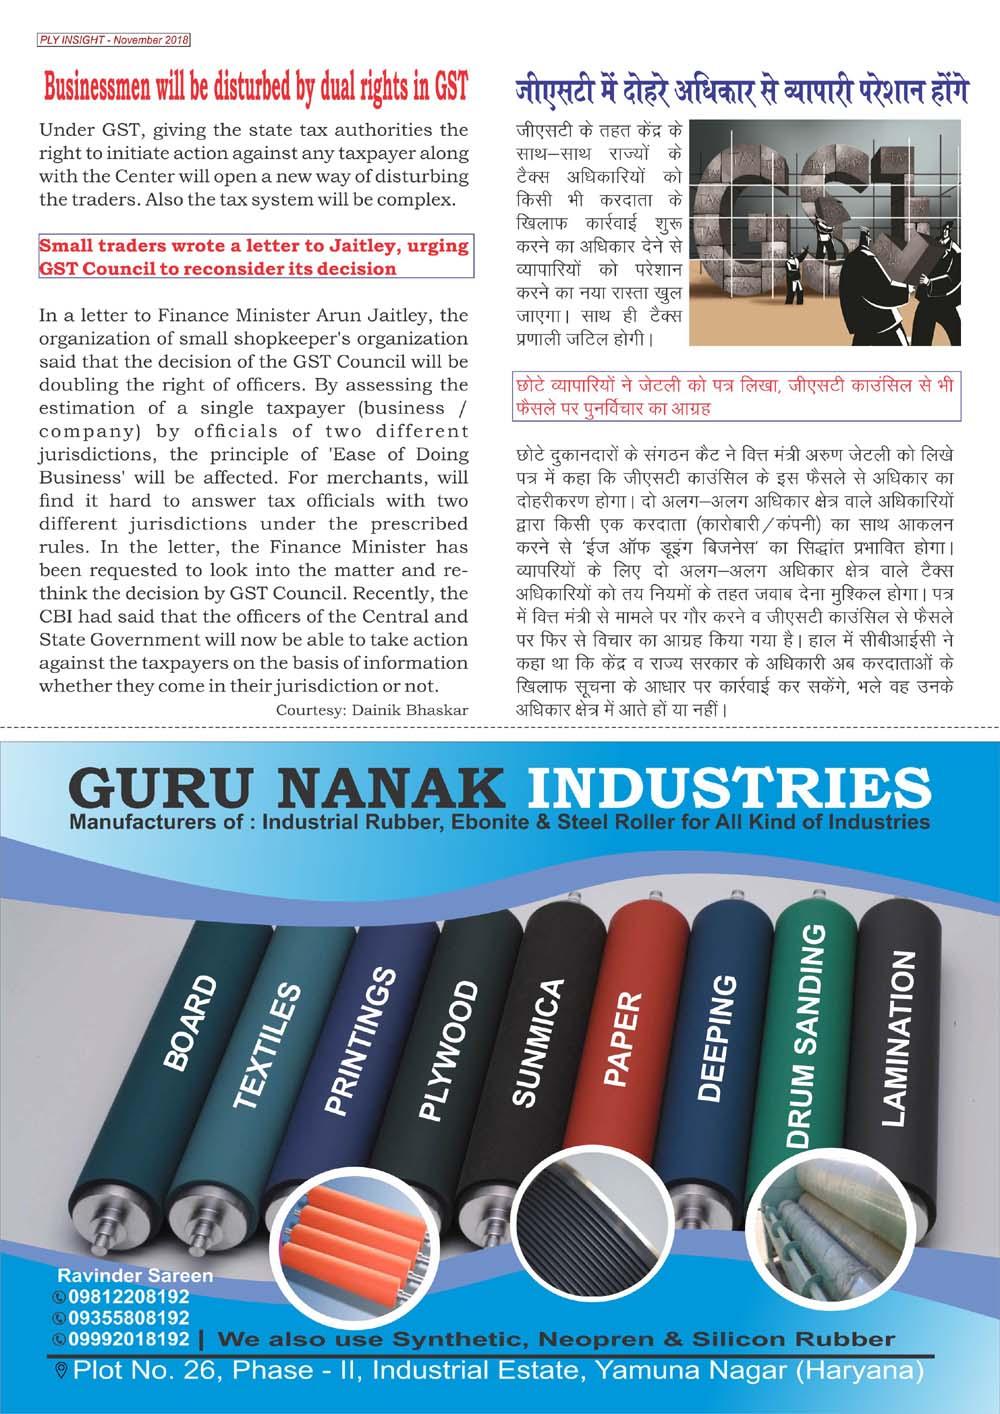 Guru Nanak Industries